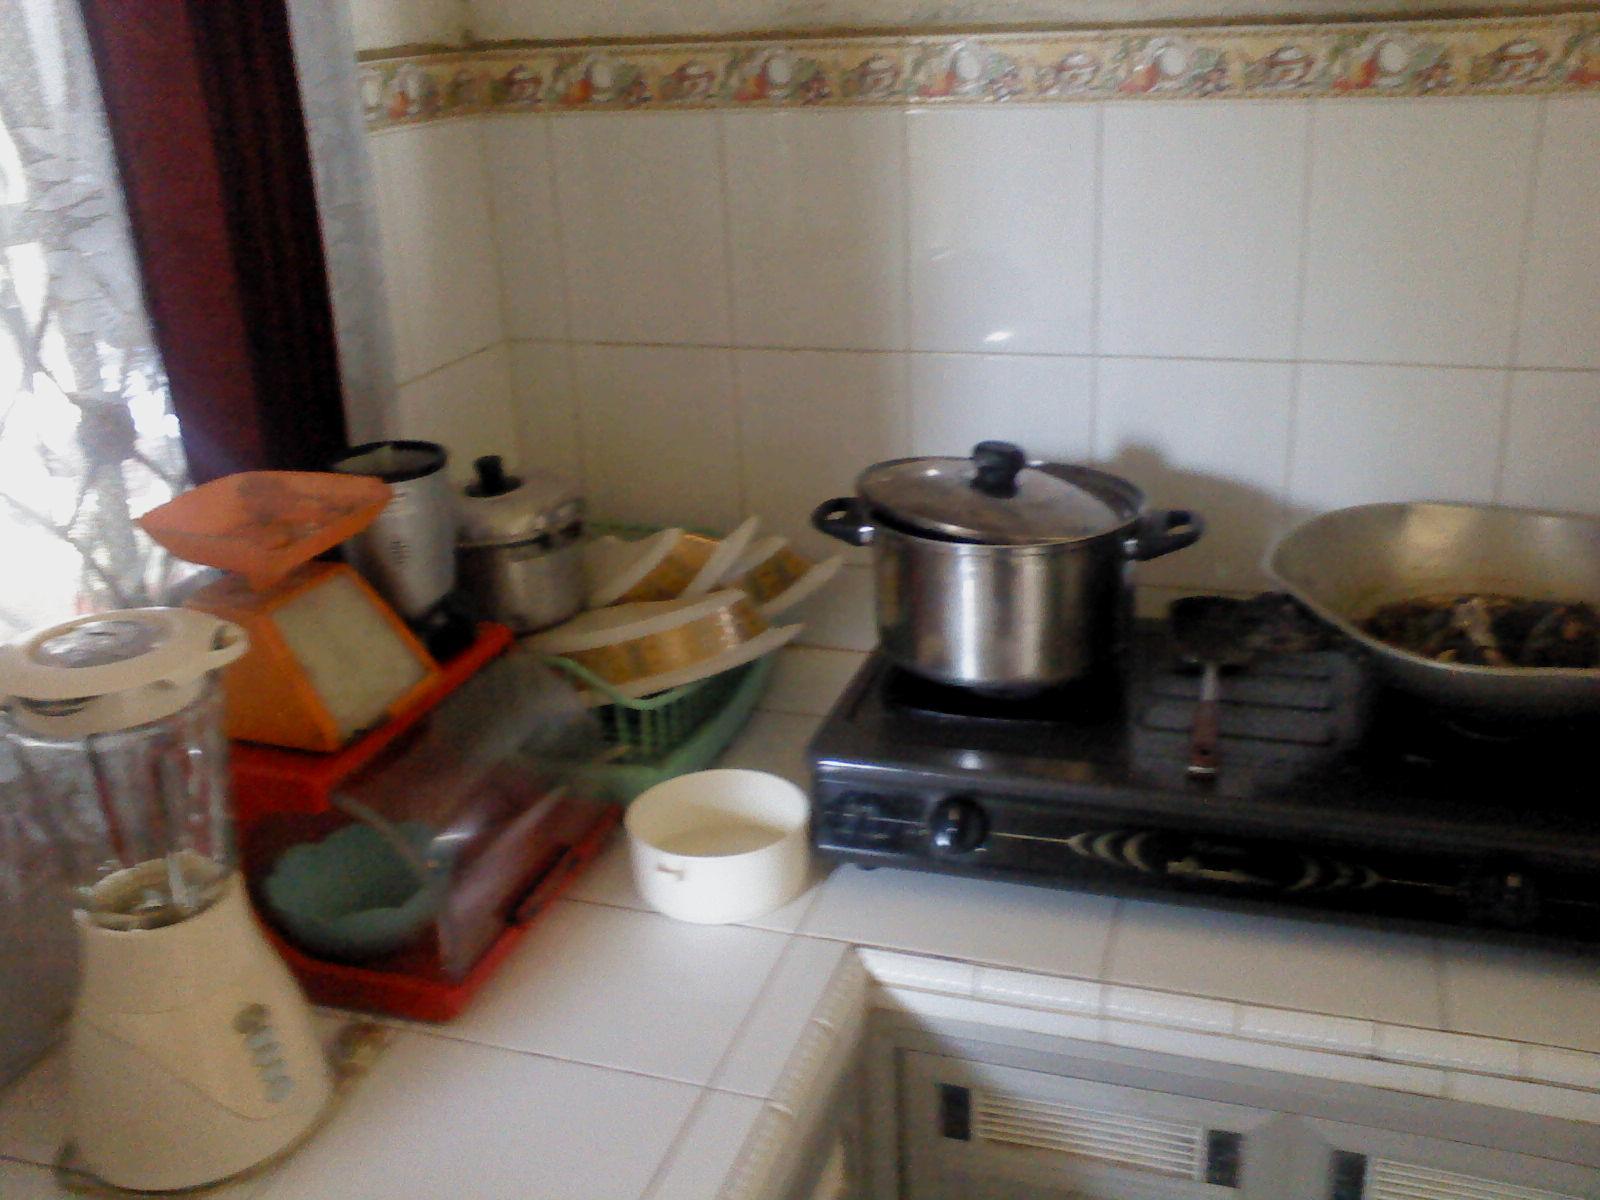 Dapur Yang Sempit Hanya Muat 2 Orang Pada Saat Memasak Namun Selalu Terjaga Kebersihannya Walaupun Tidak Higienis